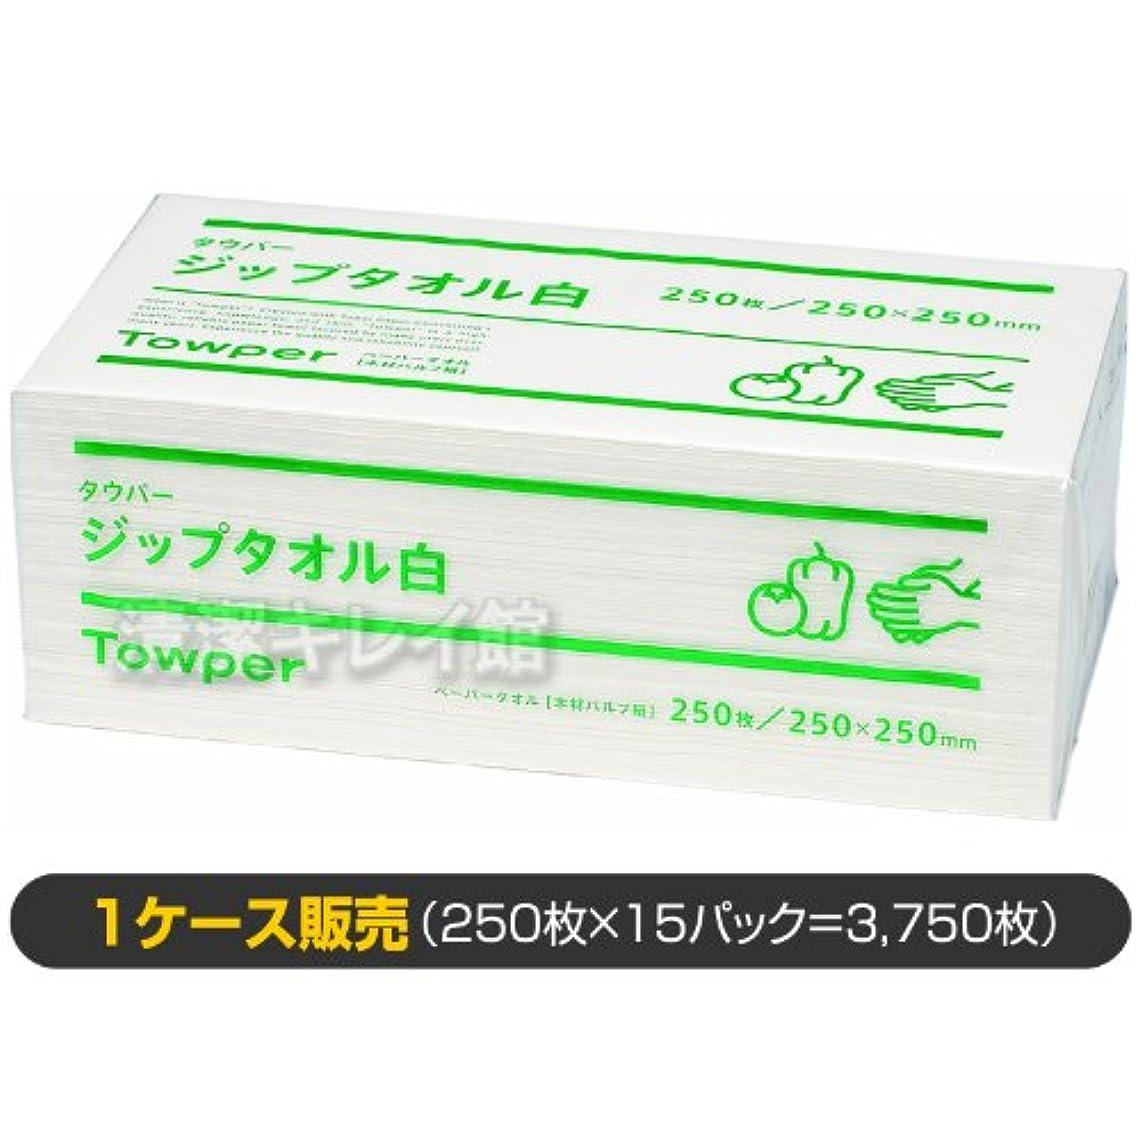 パンサー警察癒すペーパータオル ジップタオル(白) /1ケース販売(清潔キレイ館/大判サイズ用)